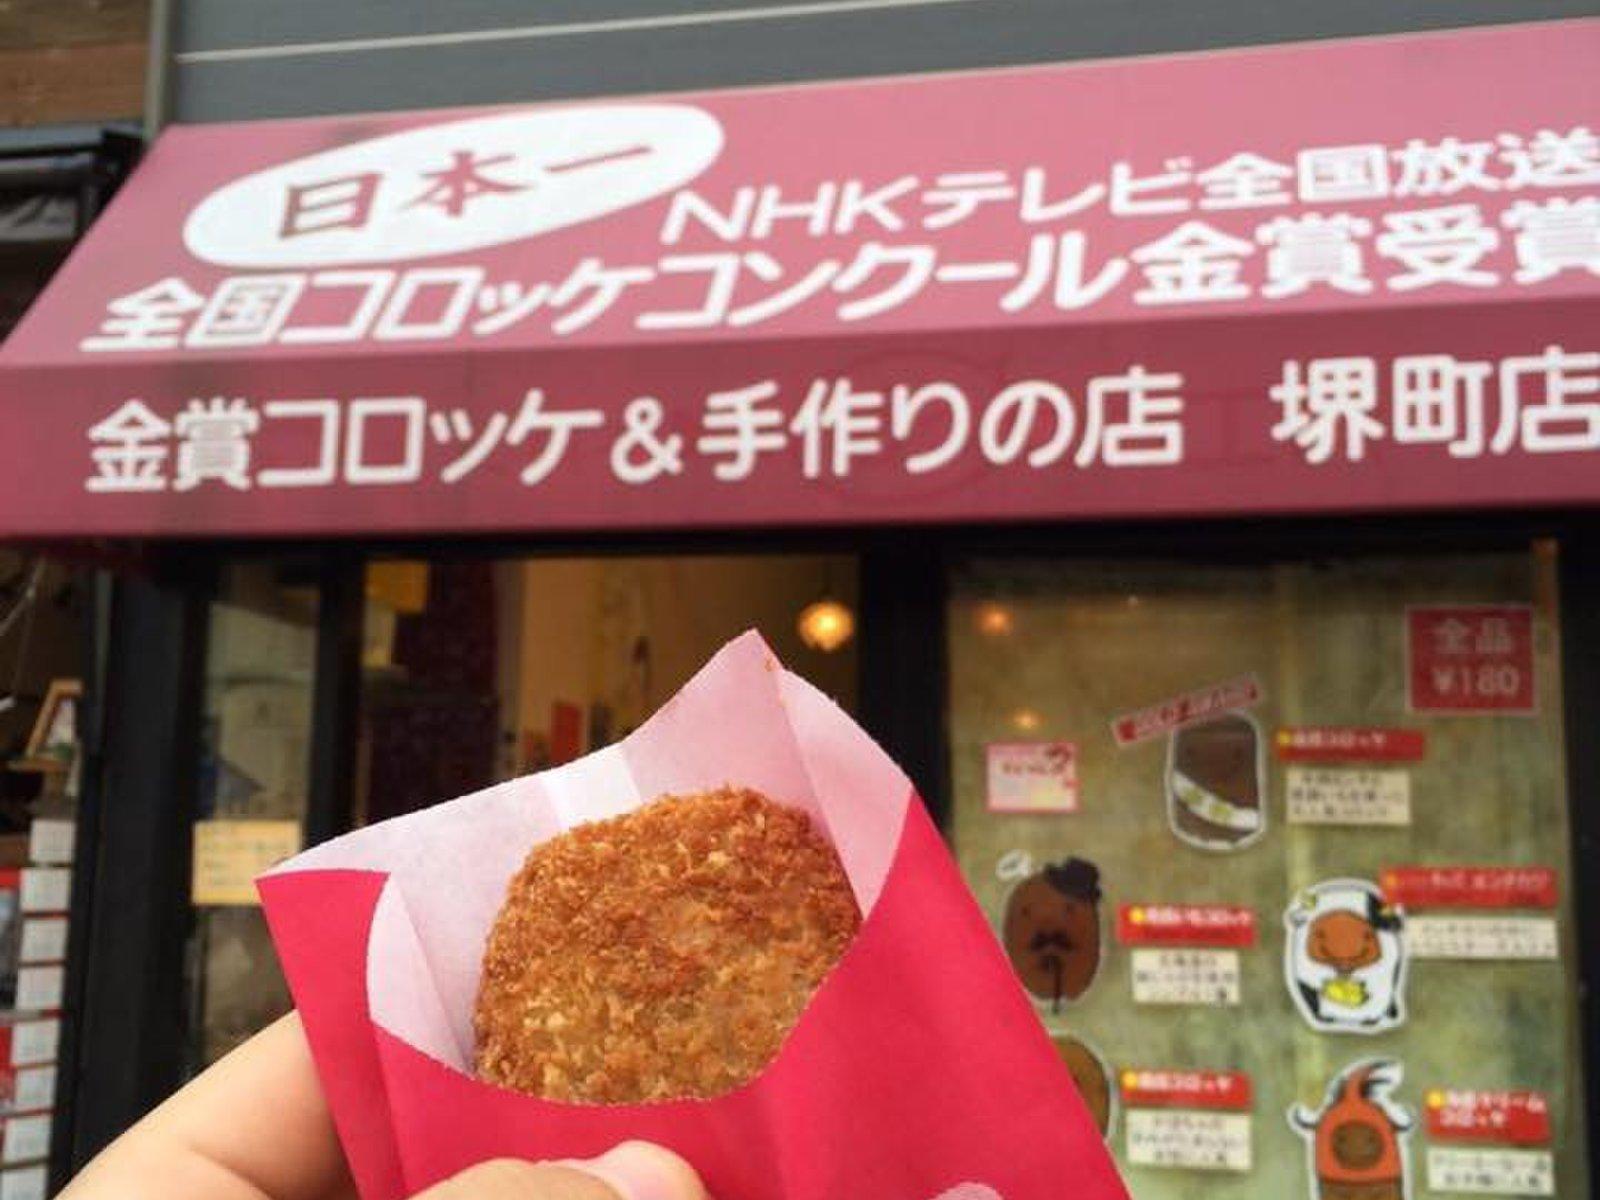 金賞コロッケ&手作りの店 色内店